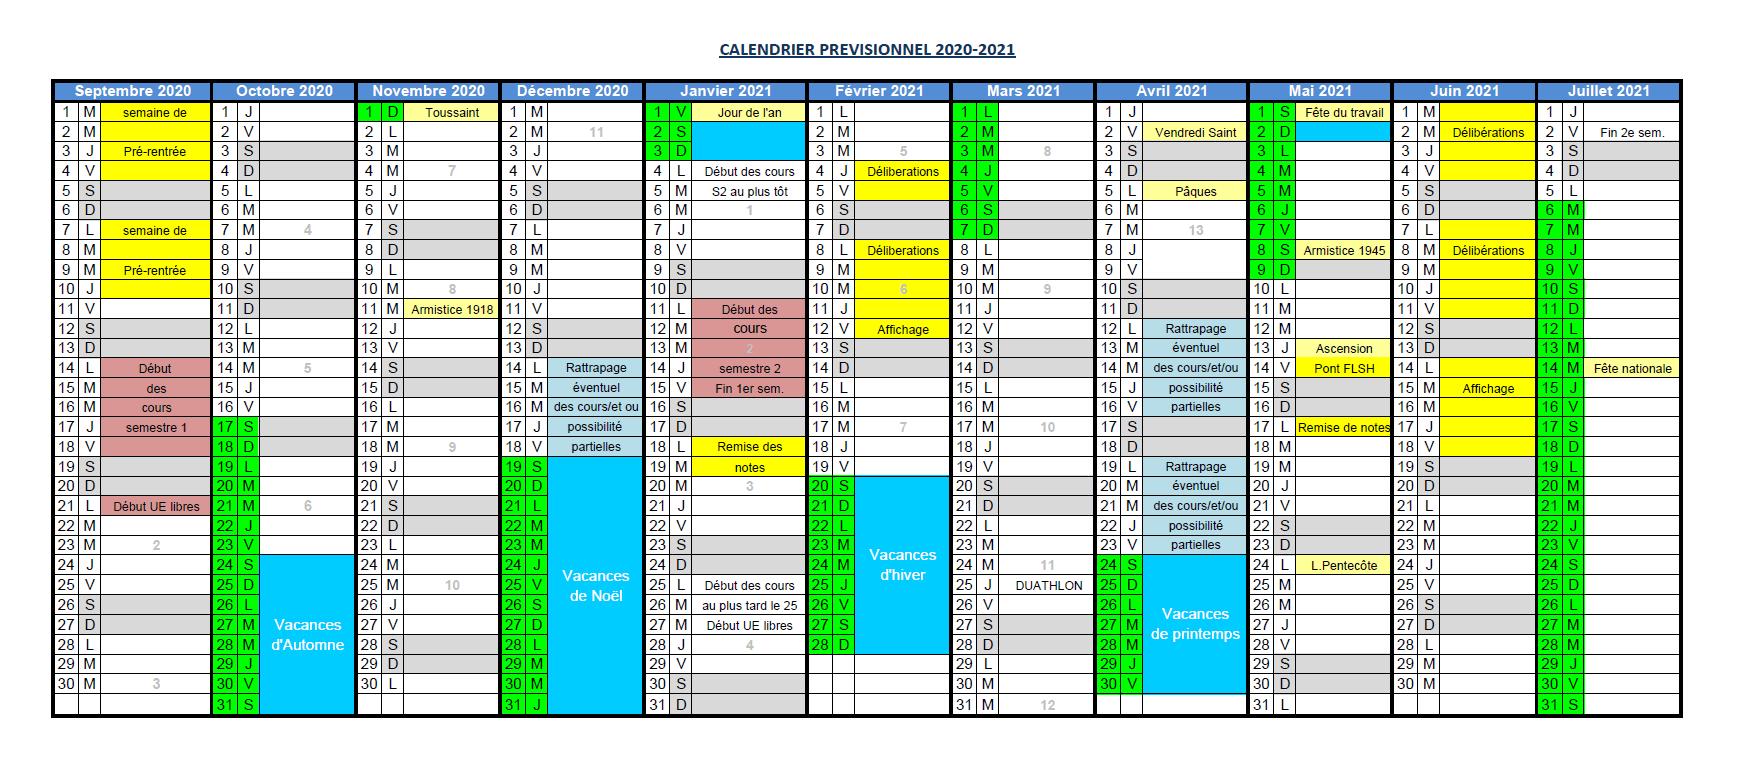 Calendrier Ubo 2021 Calendrier universitaire 2020 21 – Faculté des Lettres, Langues et